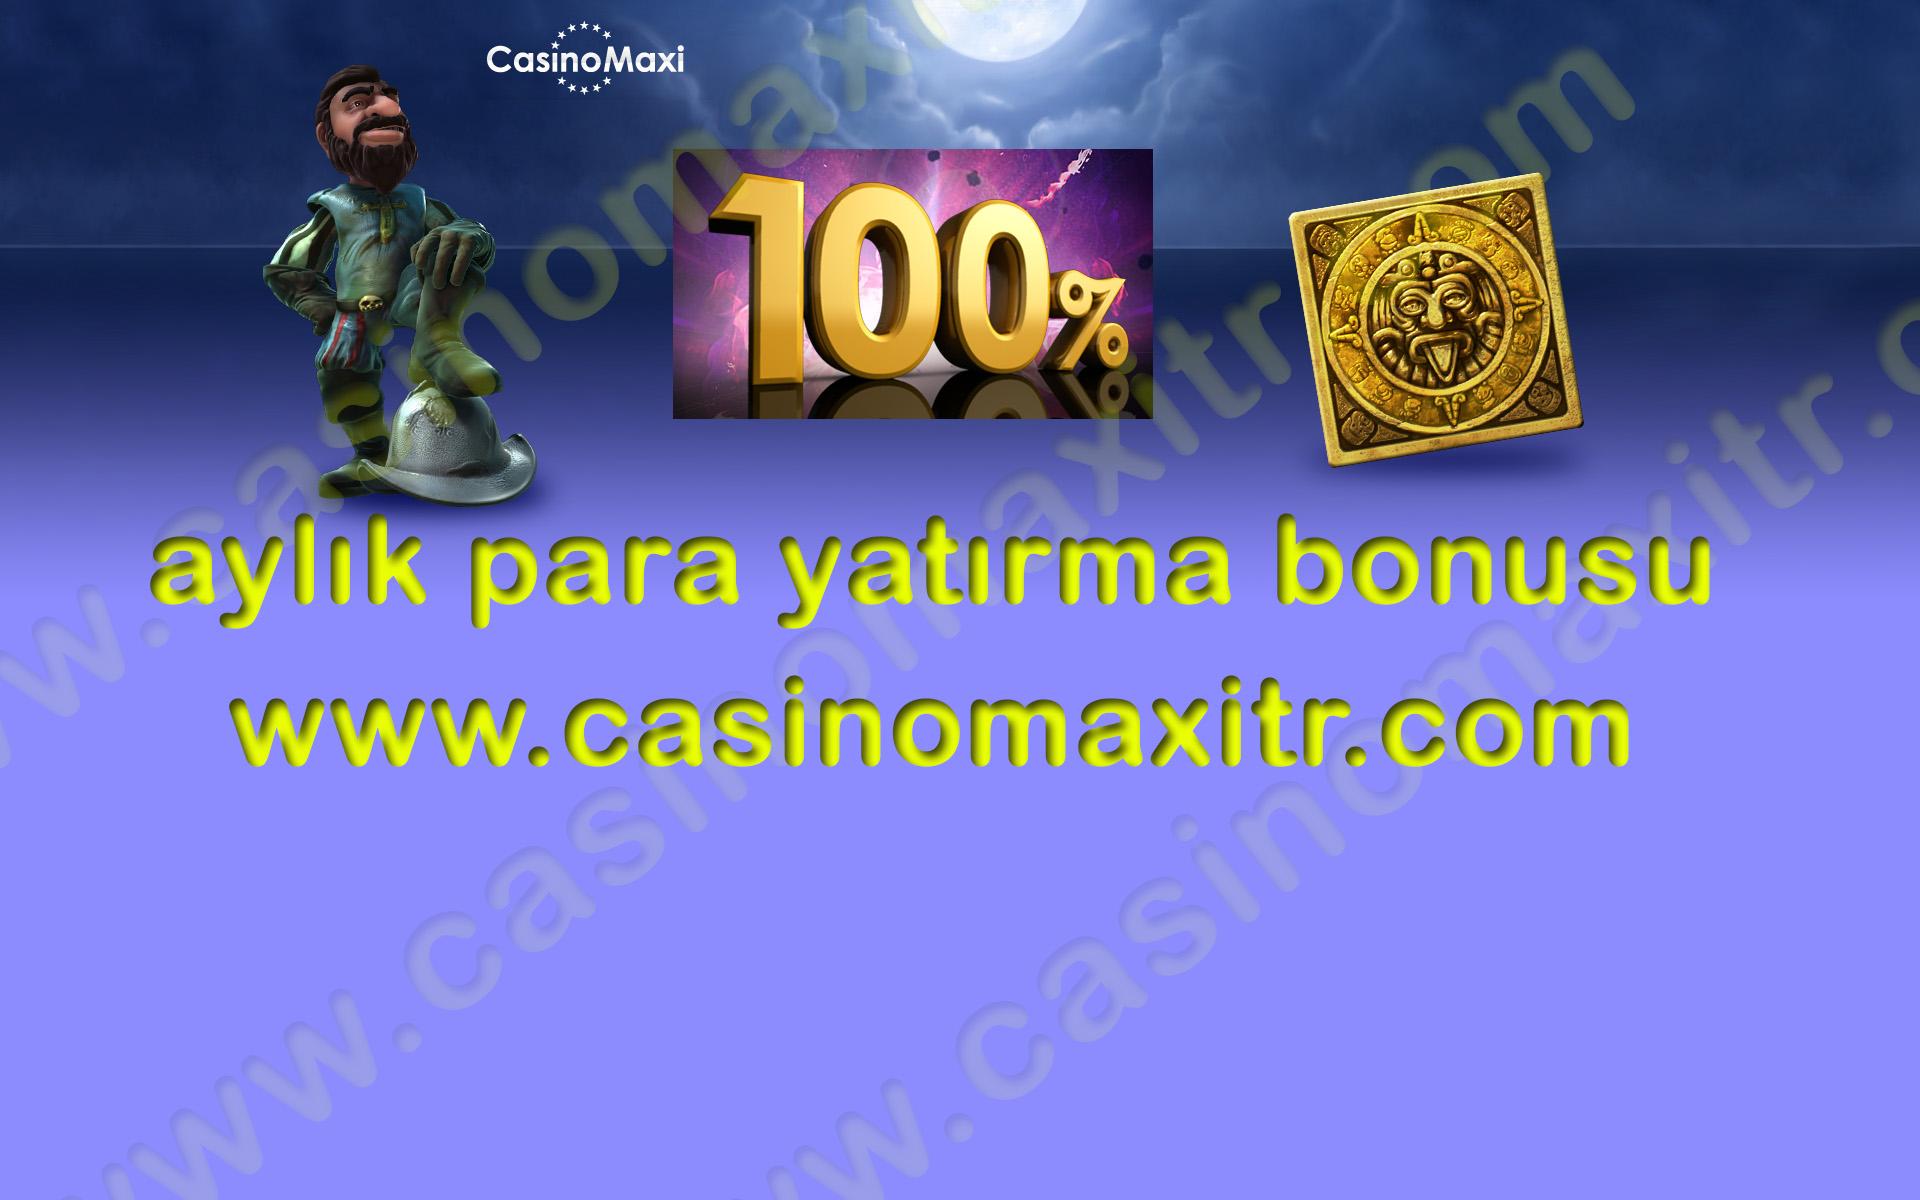 aylikparayatirmabonusu-casinomaxi